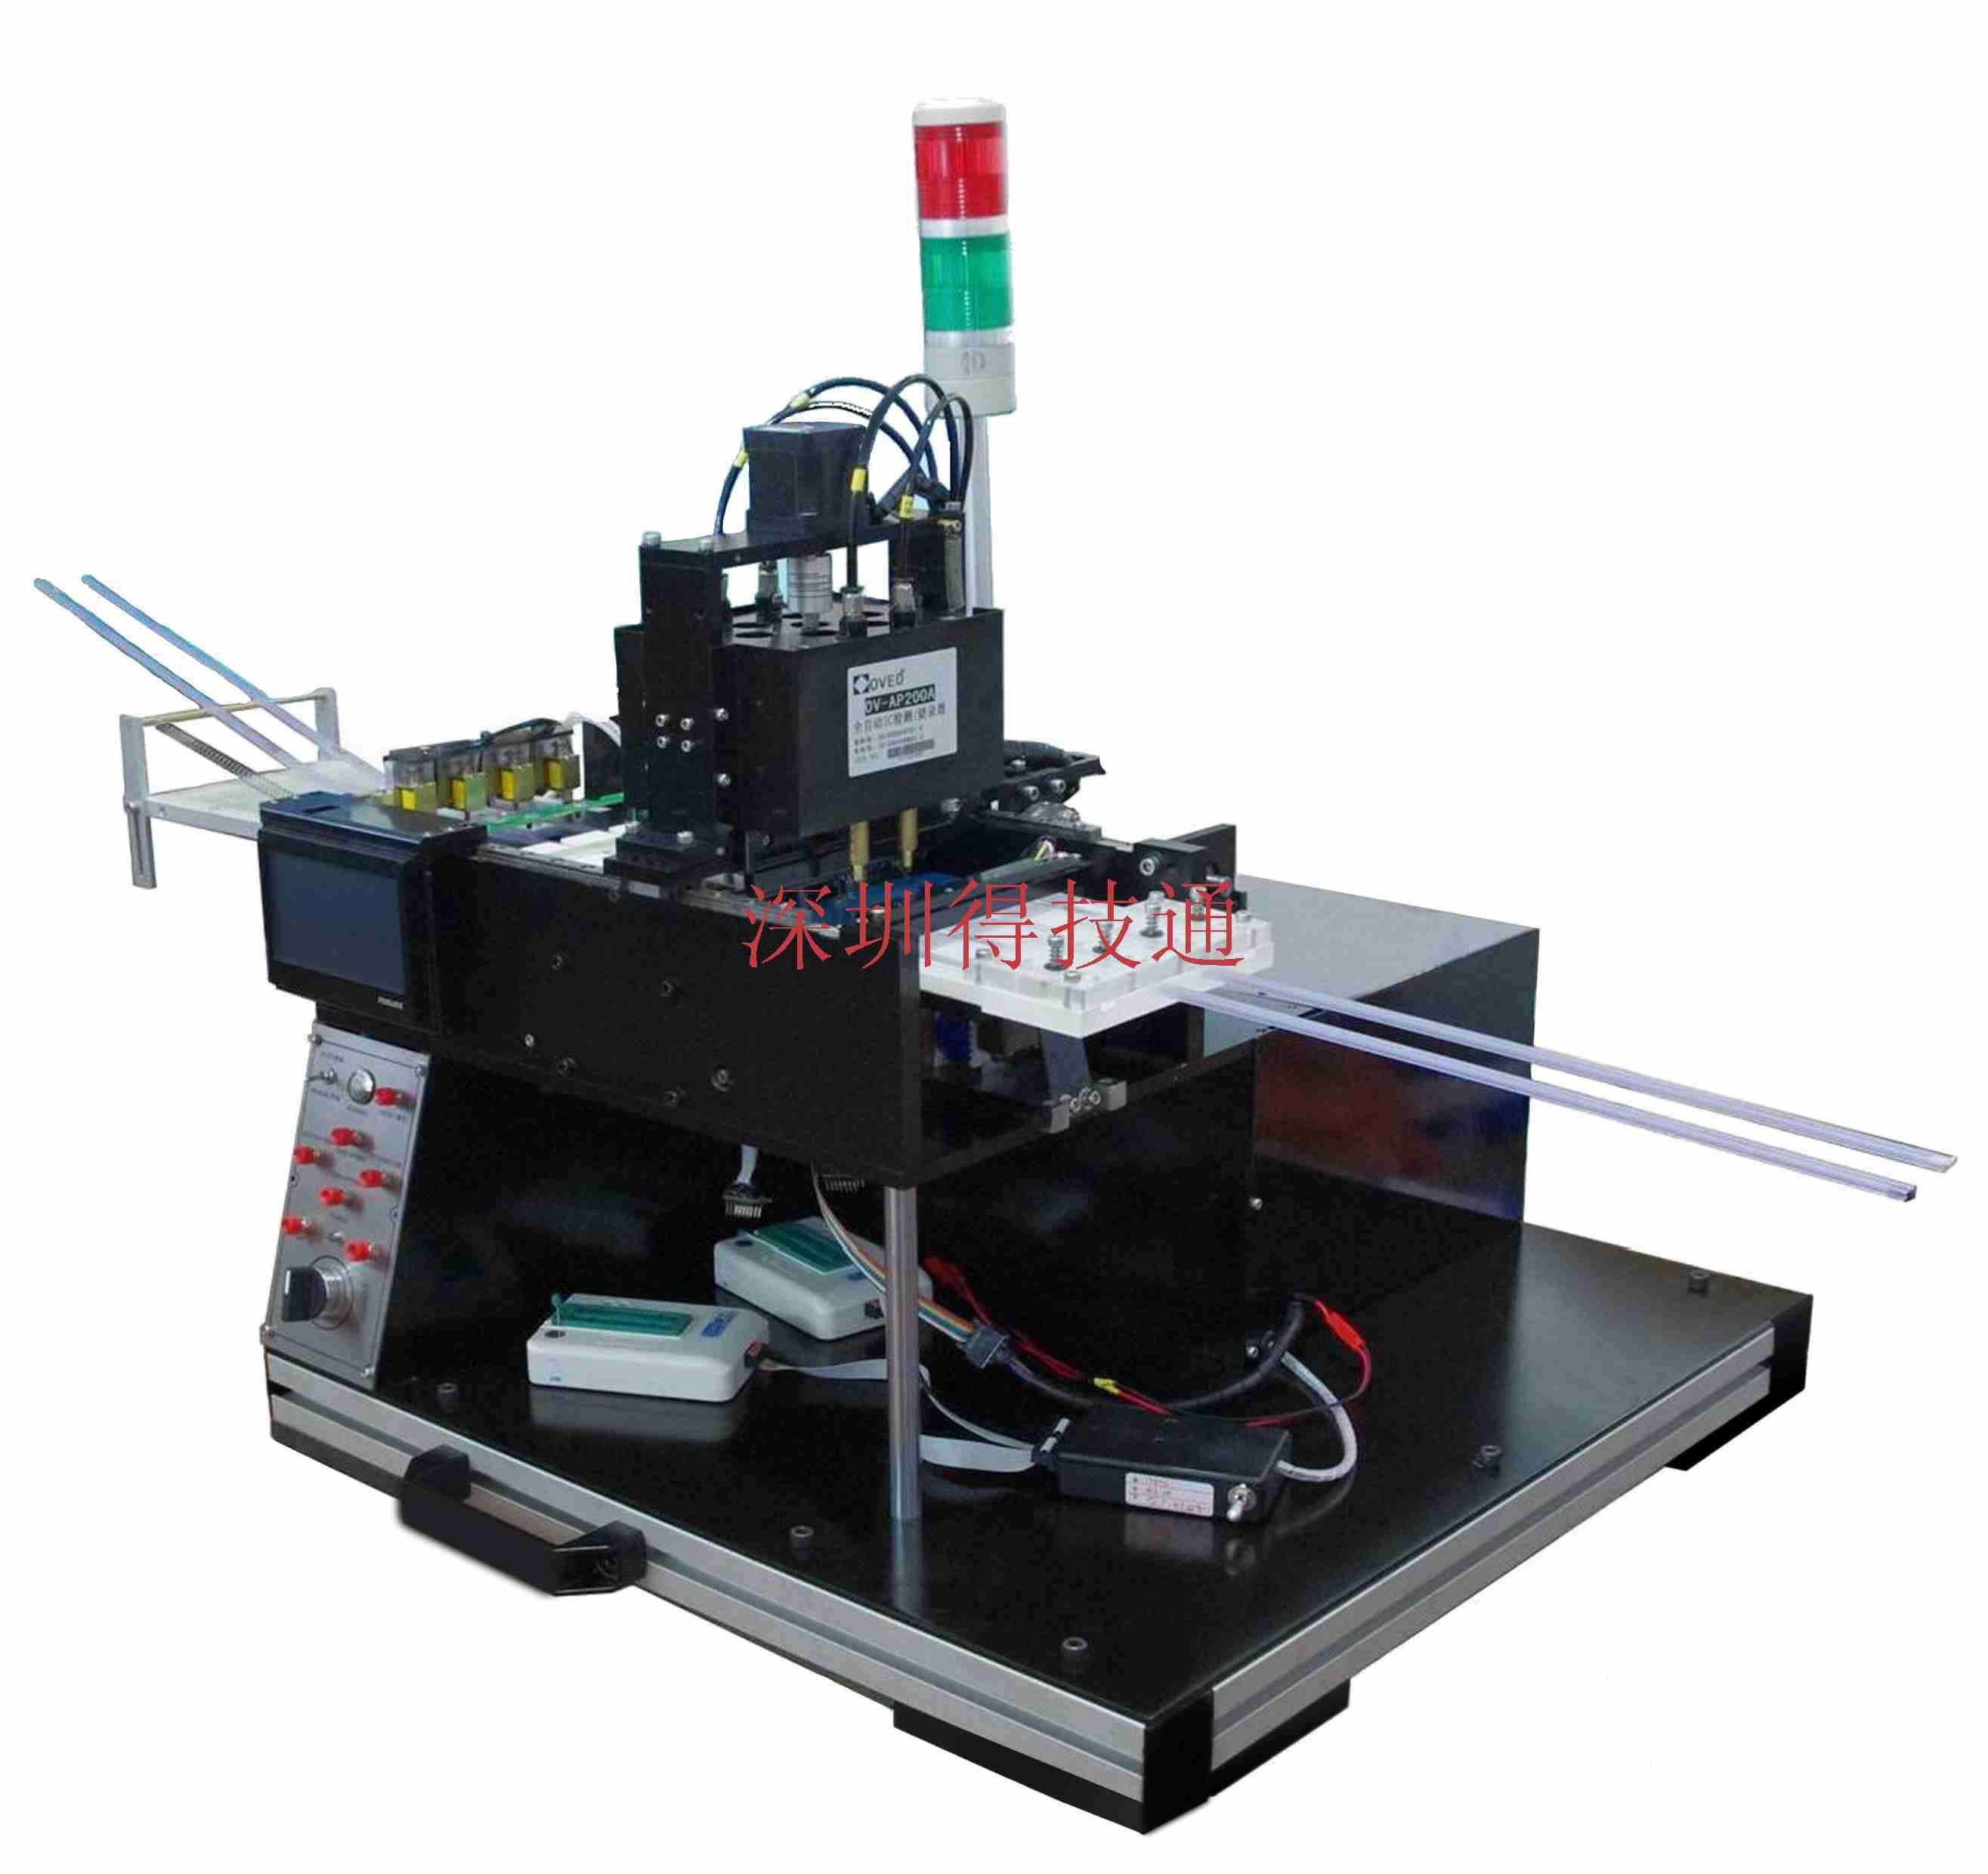 FlashPRO1000+编程器/烧录器/烧写器